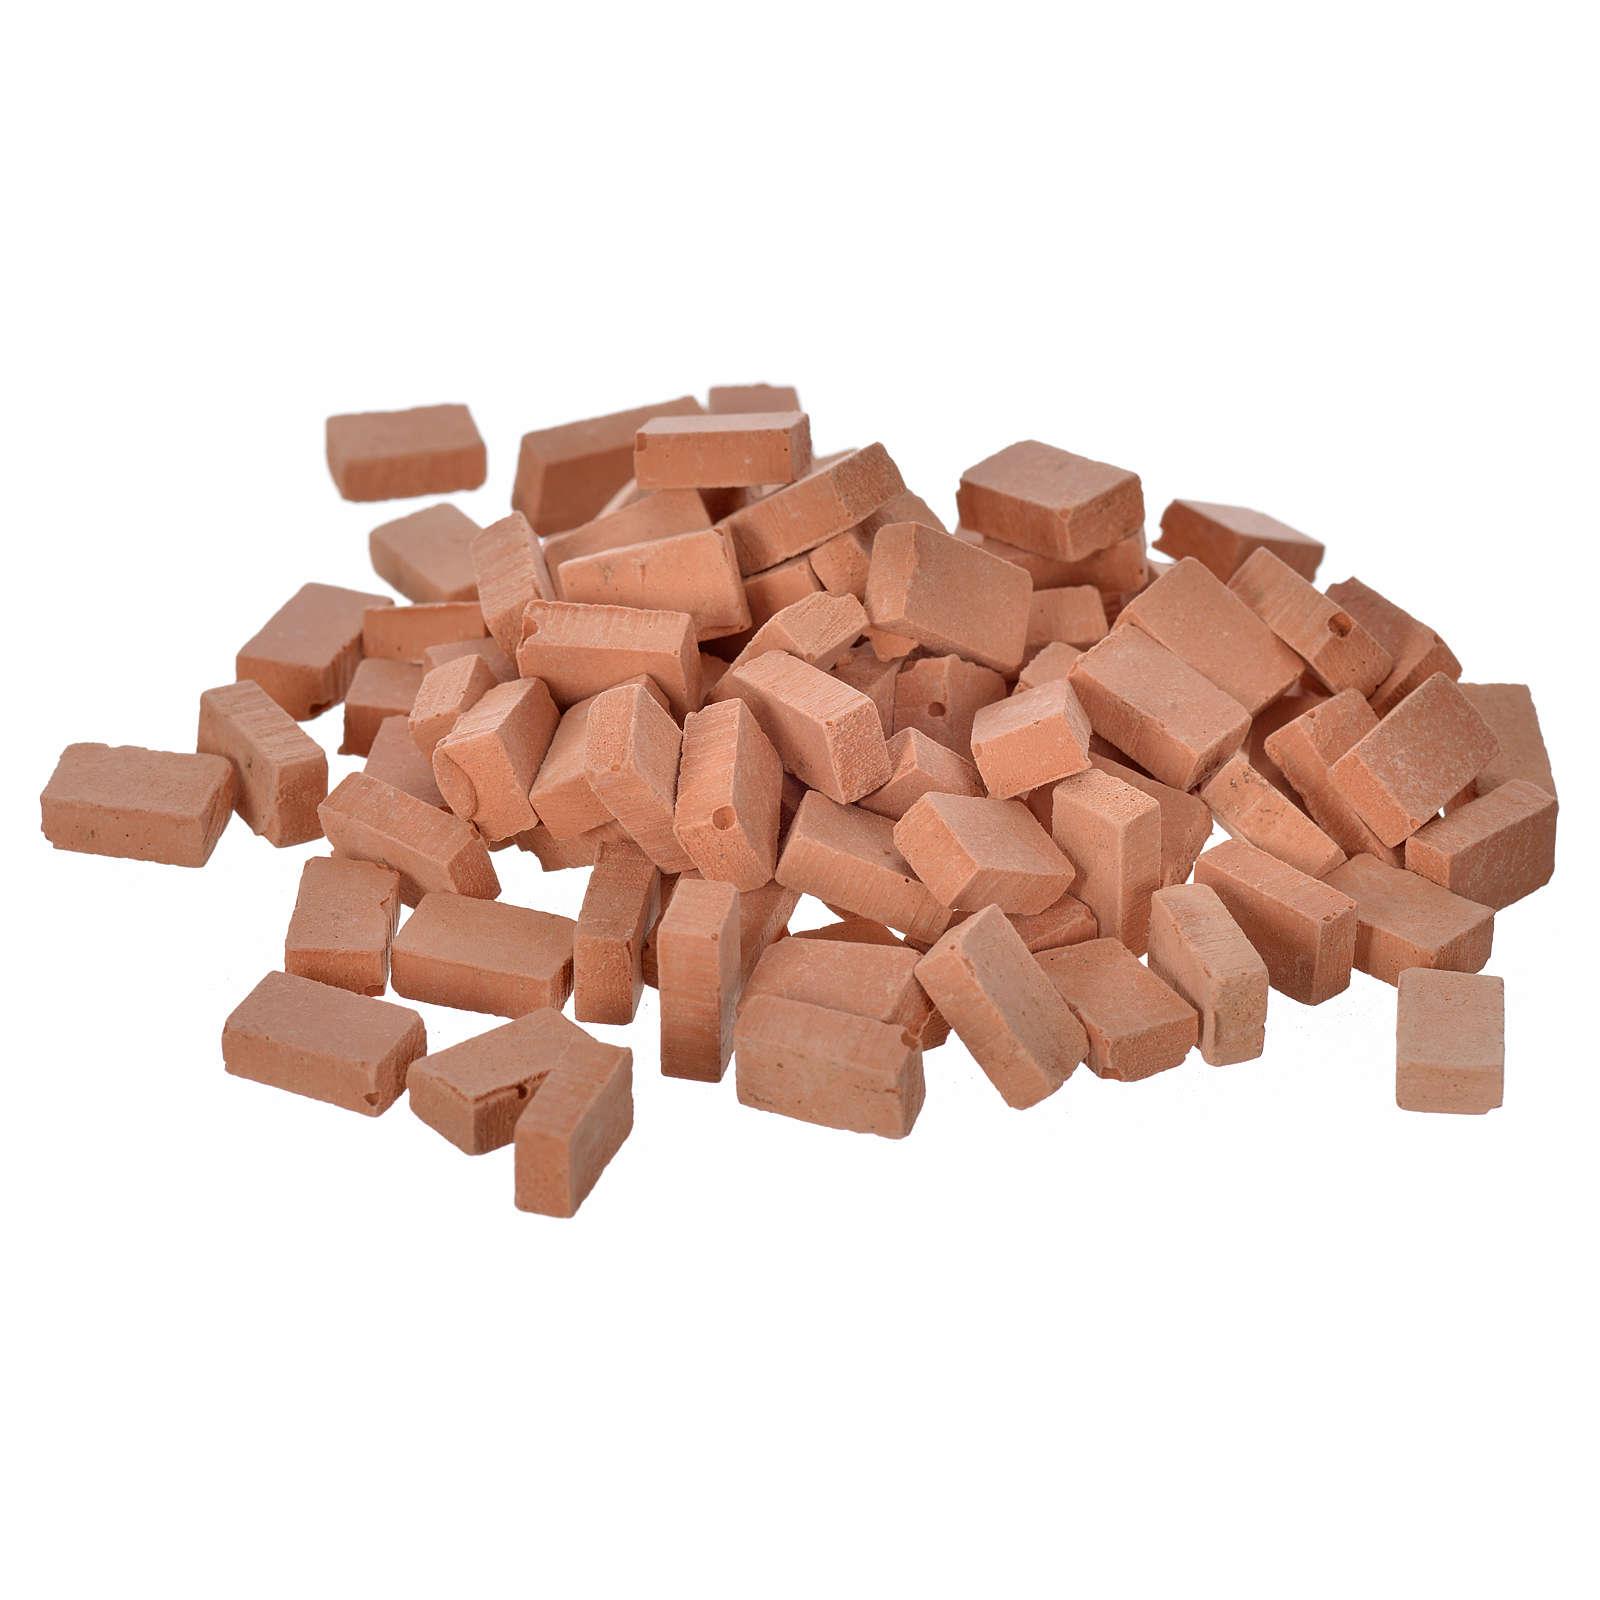 Cegły żywica mm 10x7 zestaw 100 sztuk 4